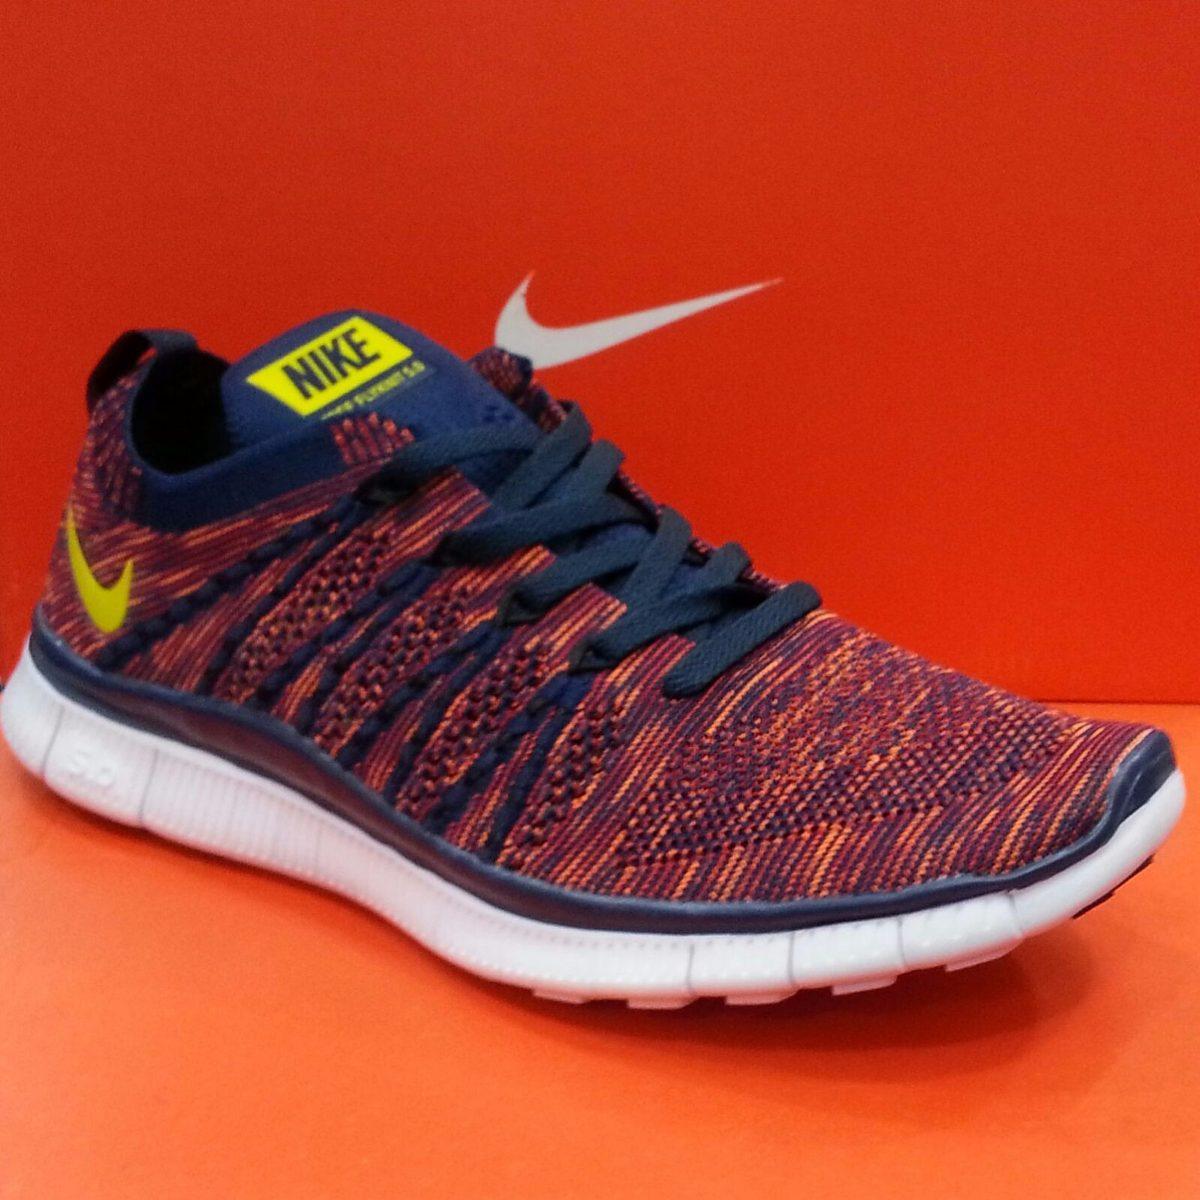 Free 60 0 Libre 5 Zapatos Mercado Nike Flyknit Bs En 1 qn6aROZwRx